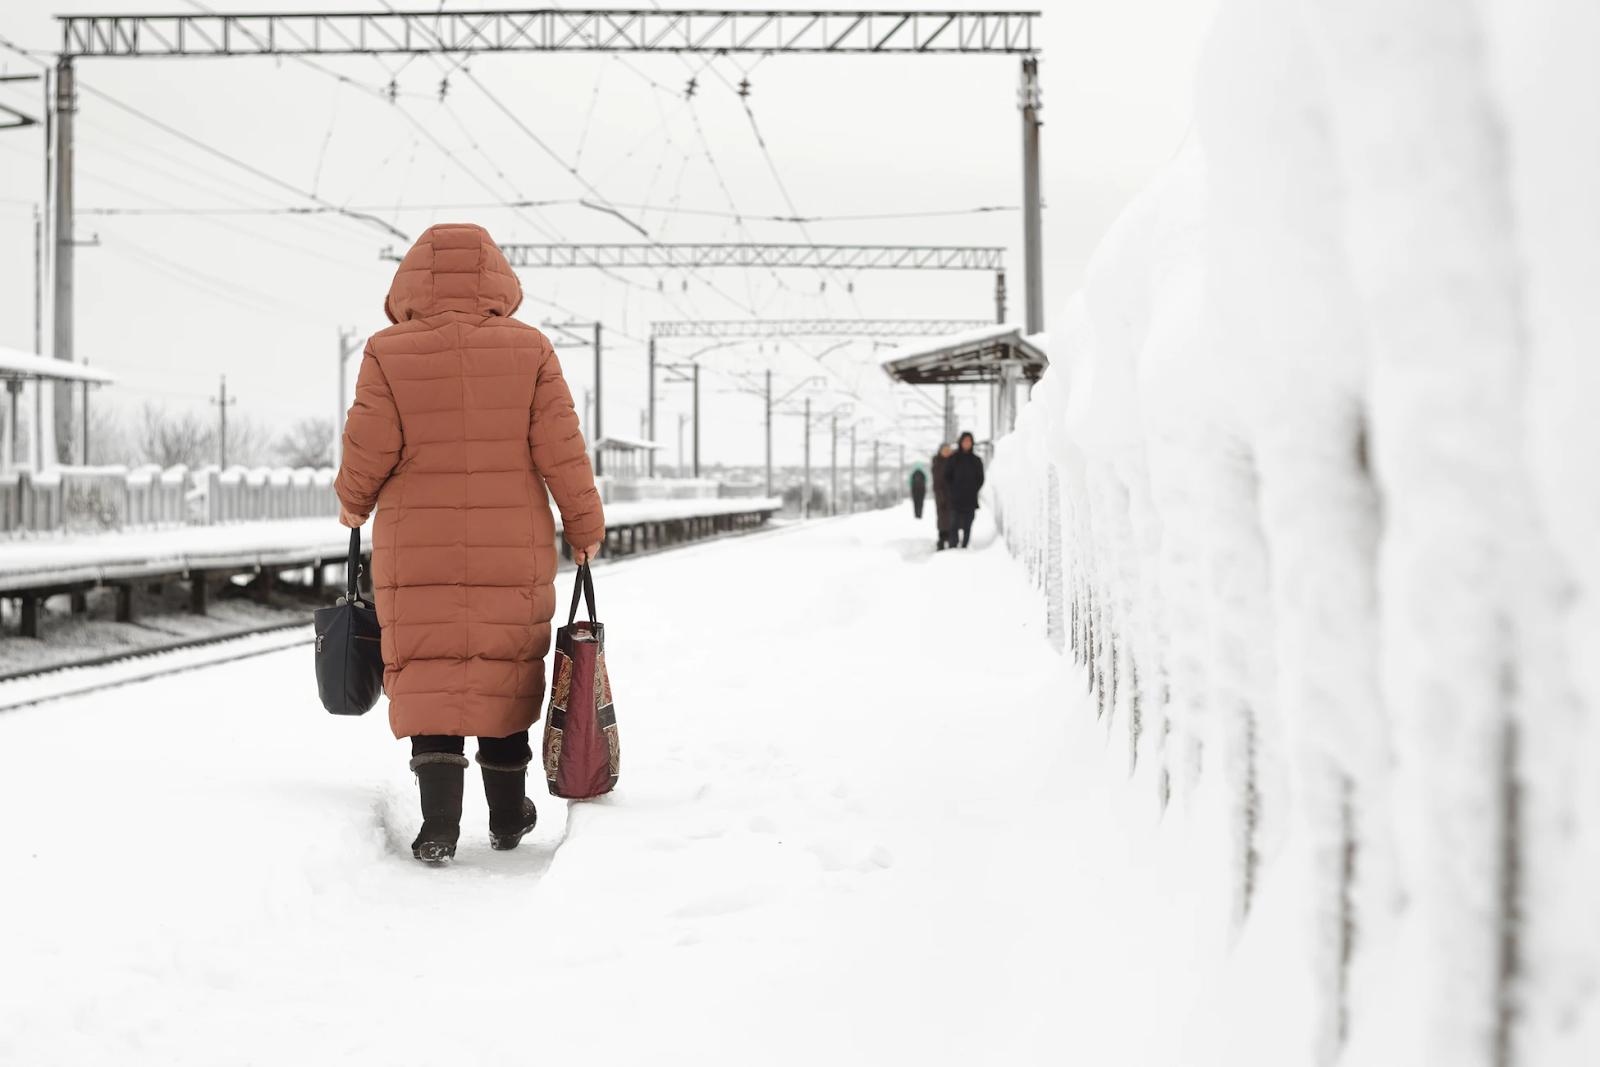 Woman walking in snow near train tracks